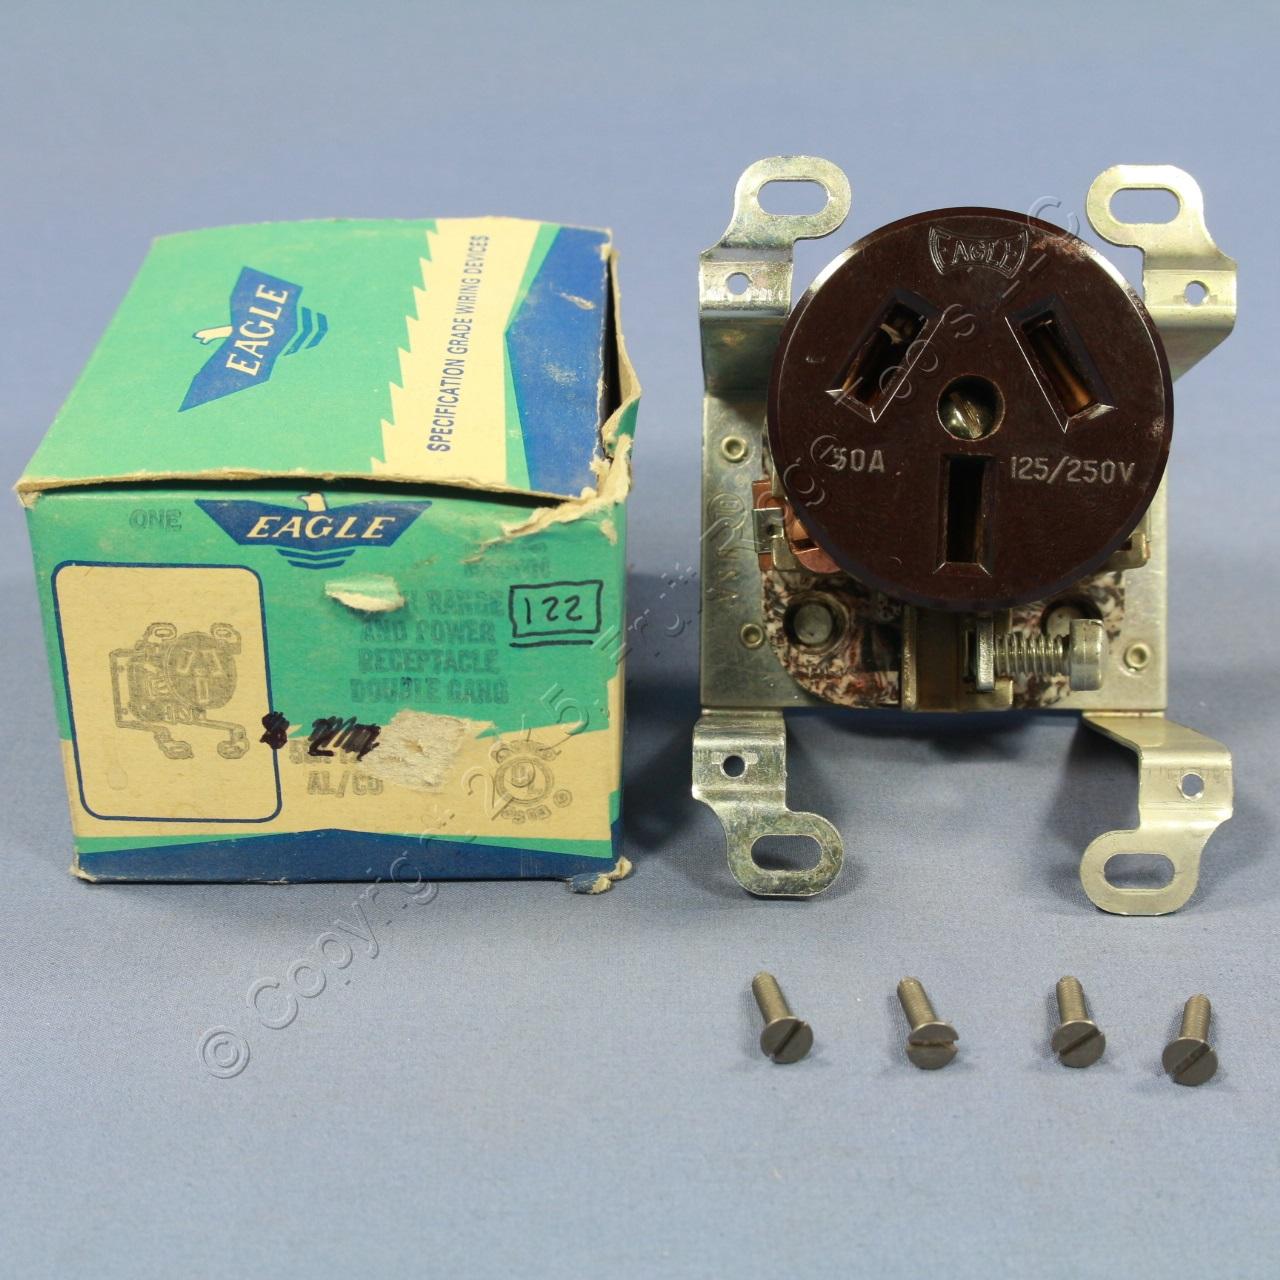 Buy Eagle Offset 2-Gang Power Range Outlet Receptacle 50A 125/250V ...